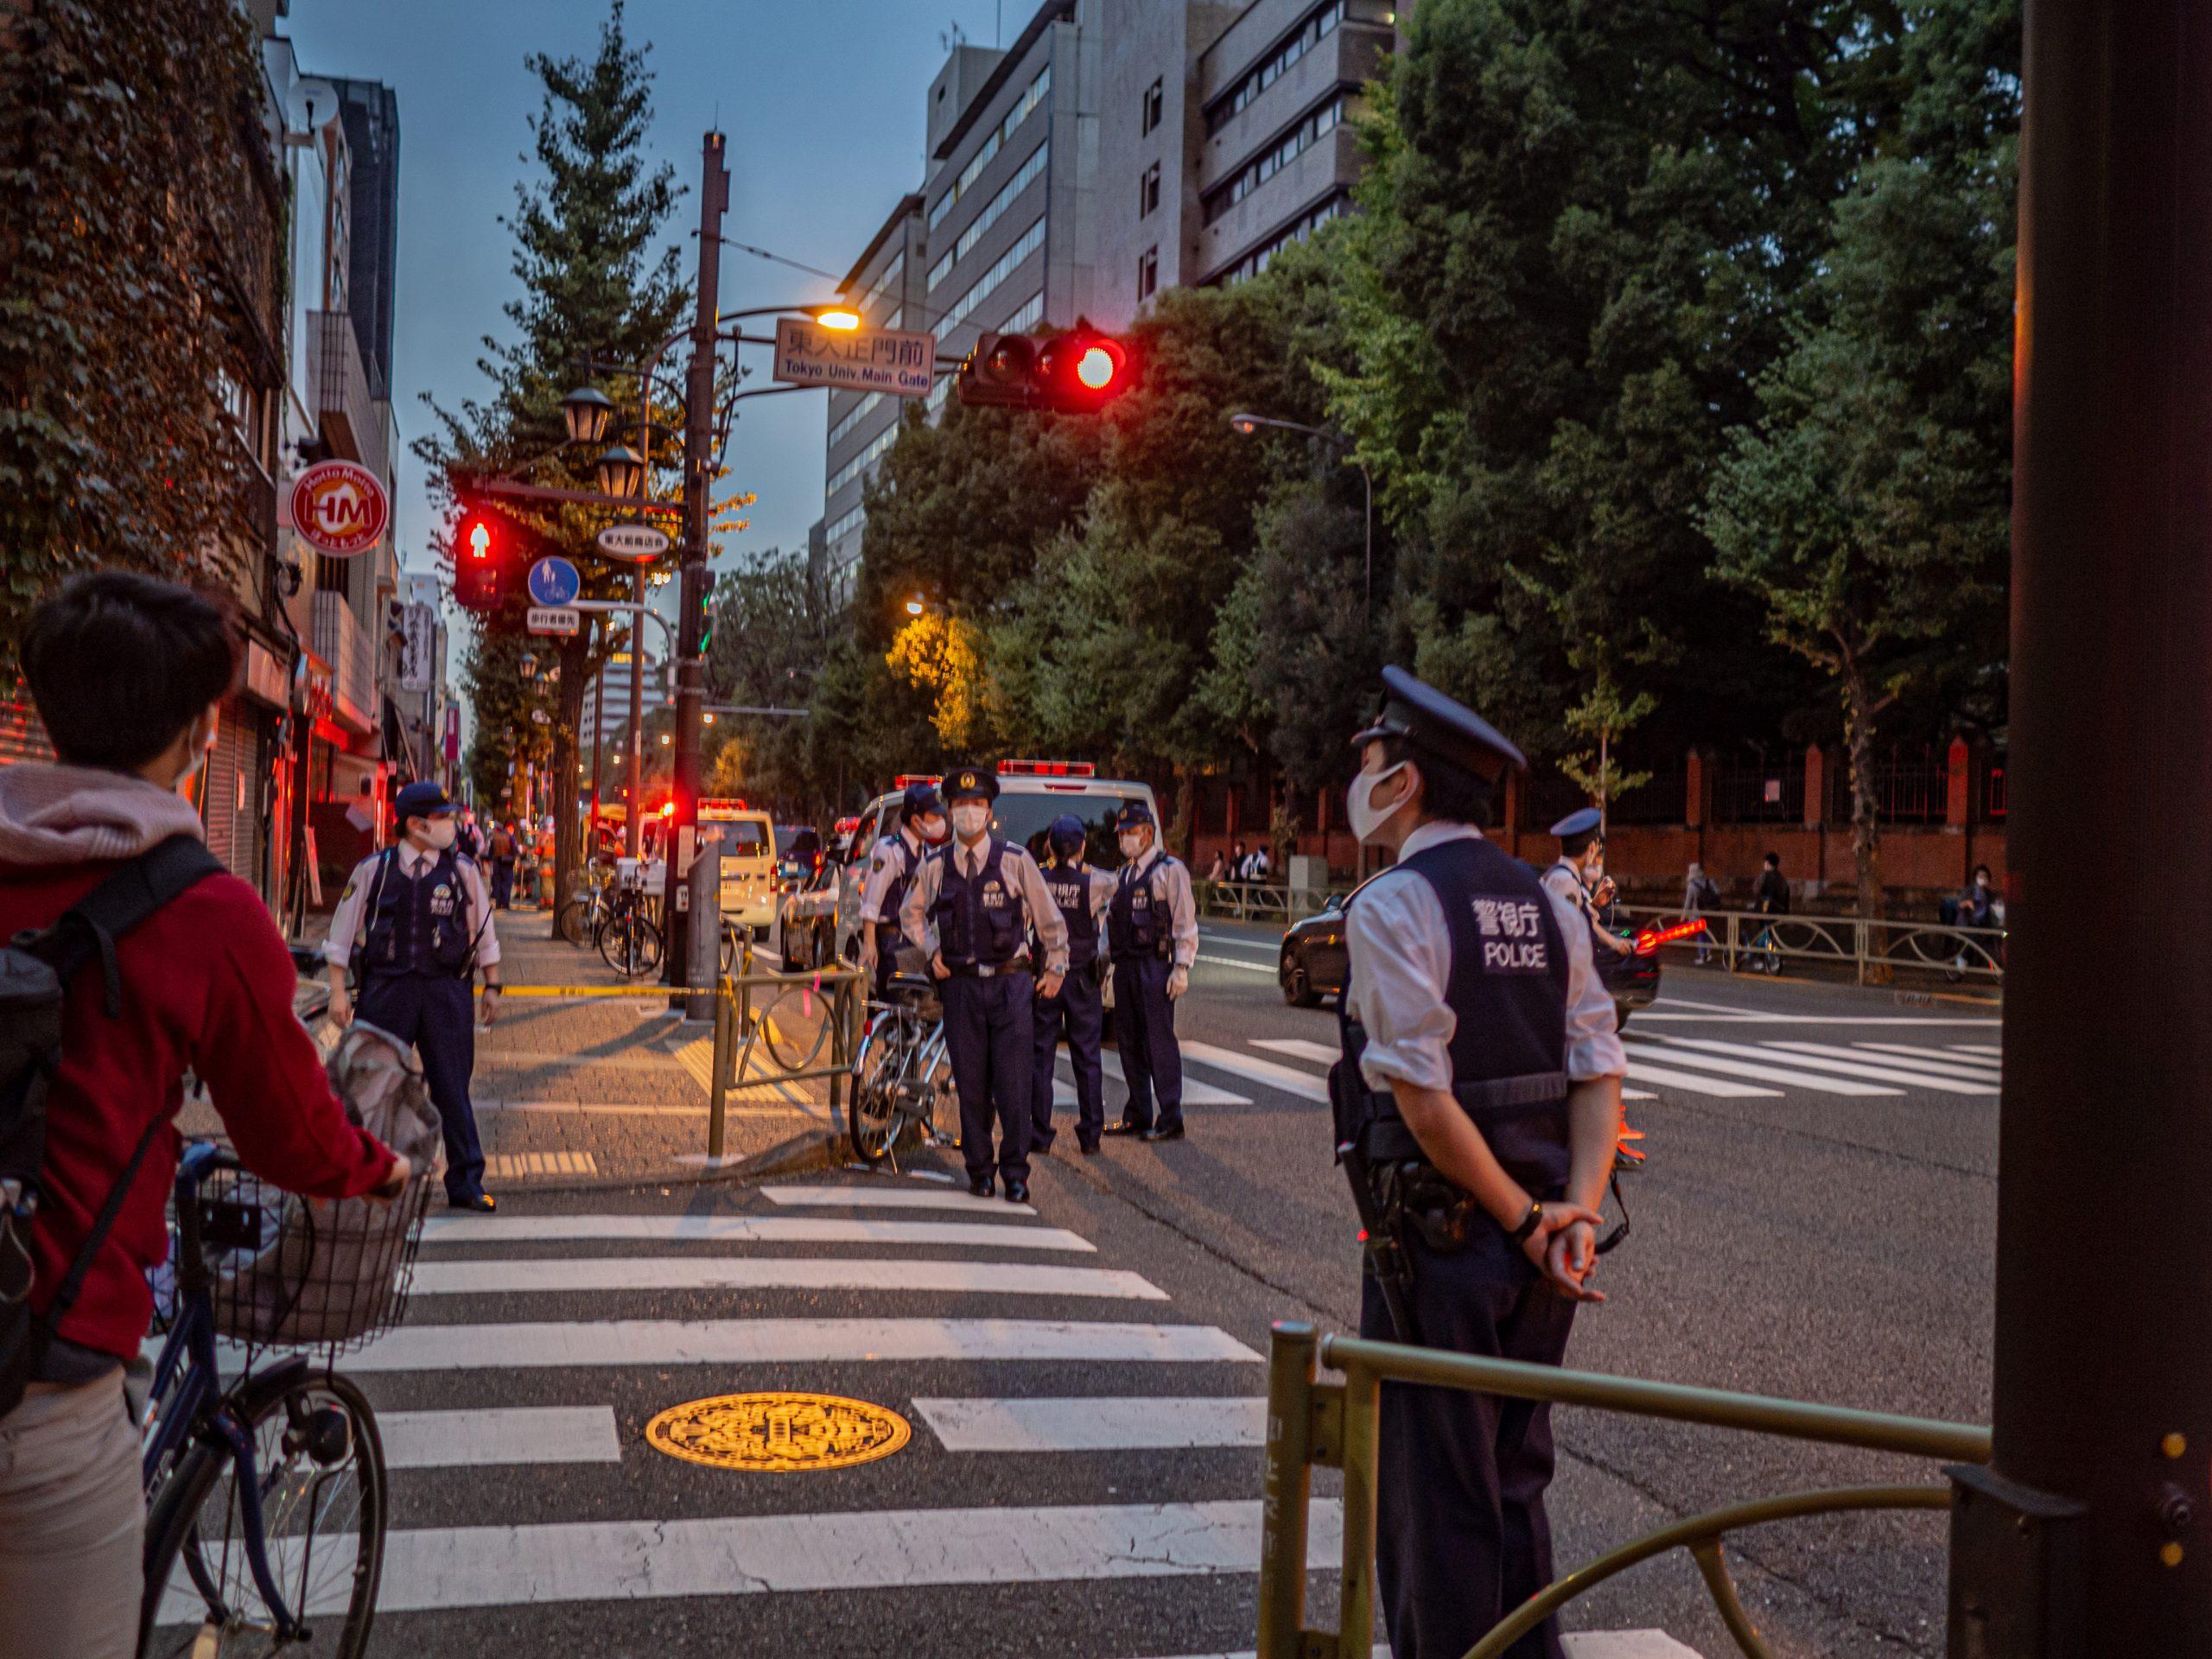 本郷通りに規制線 ガス漏れで | 東大新聞オンライン